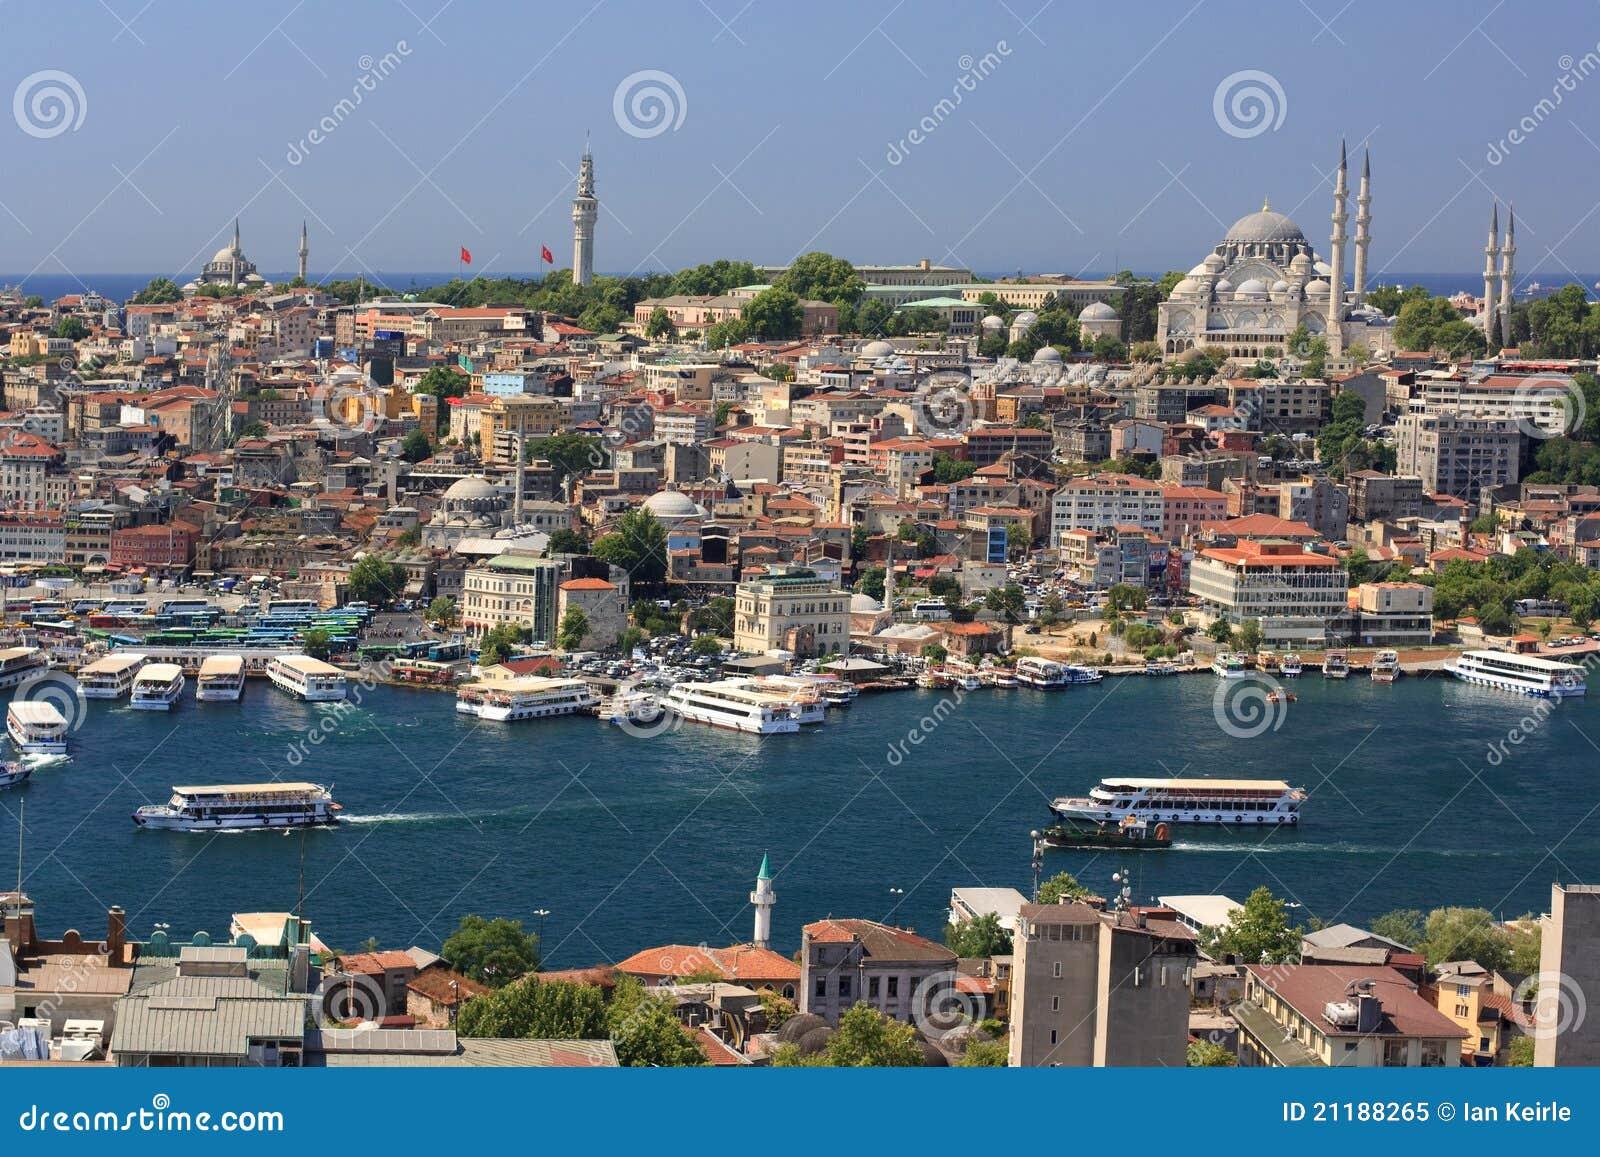 Pan0rama of Istanbul